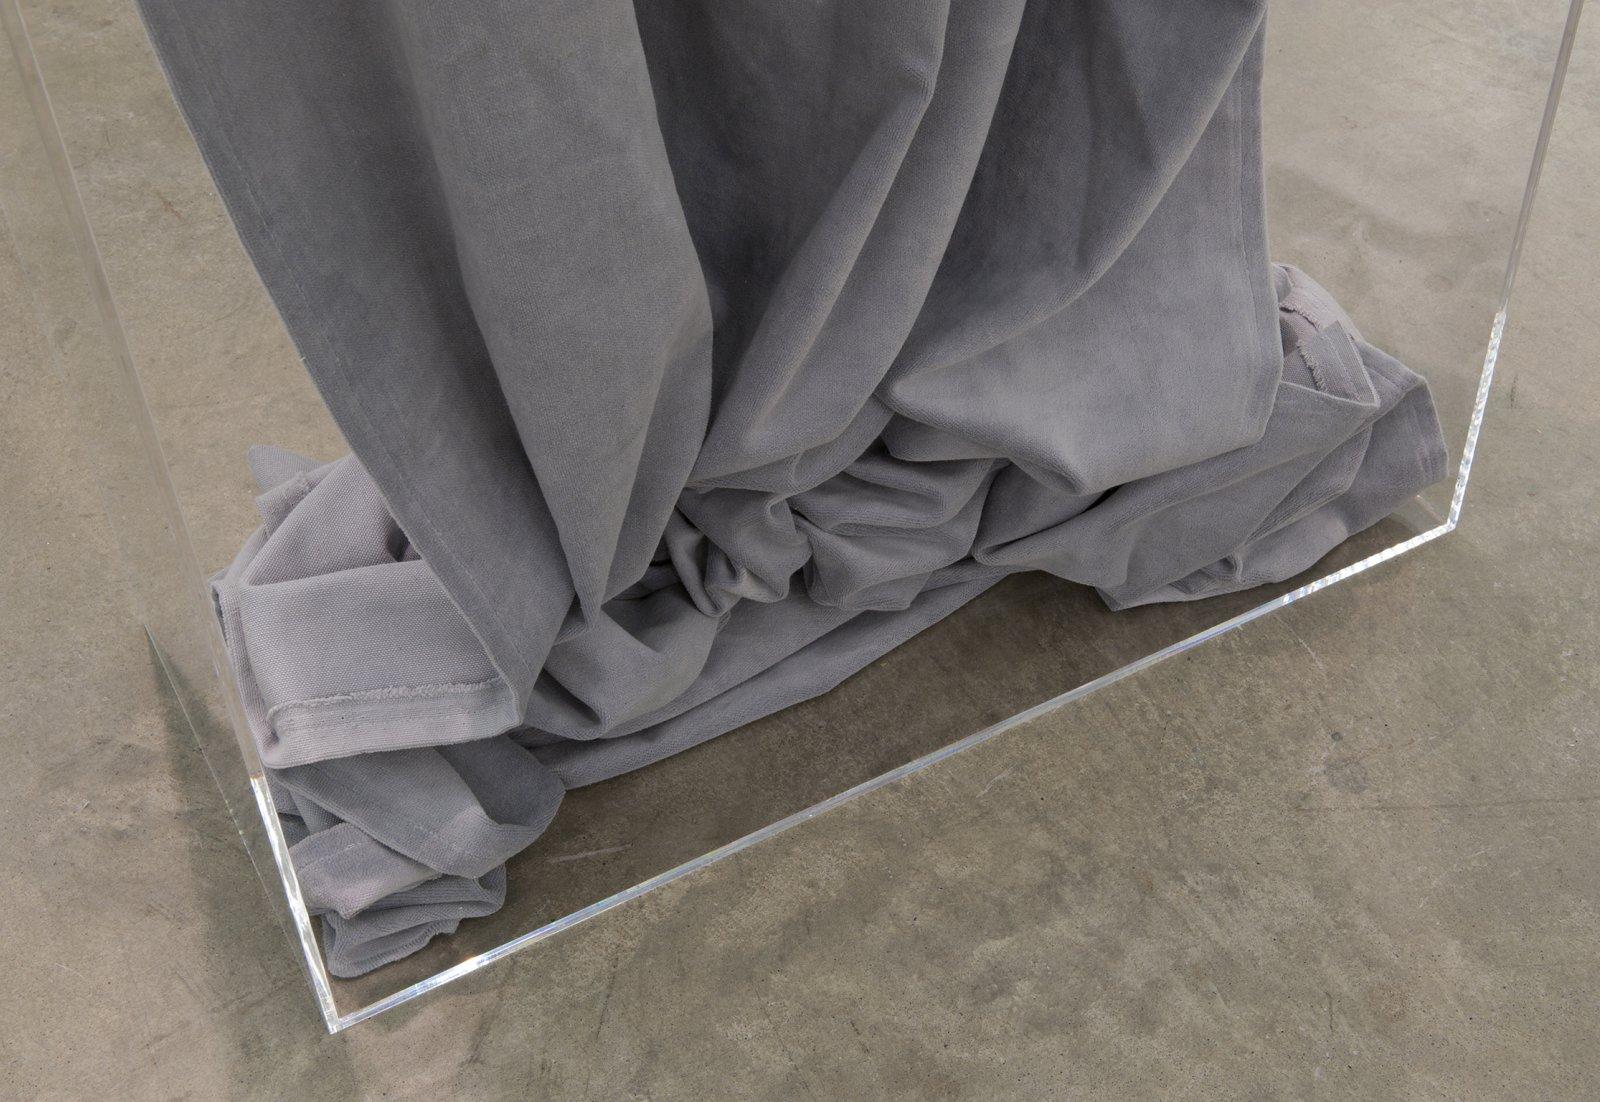 Judy Radul, Silver Screen (detail), 2012, plexiglass, 16 foot theatrical curtain, 88 x 30 x 13 in. (224 x 76 x 33 cm) by Judy Radul